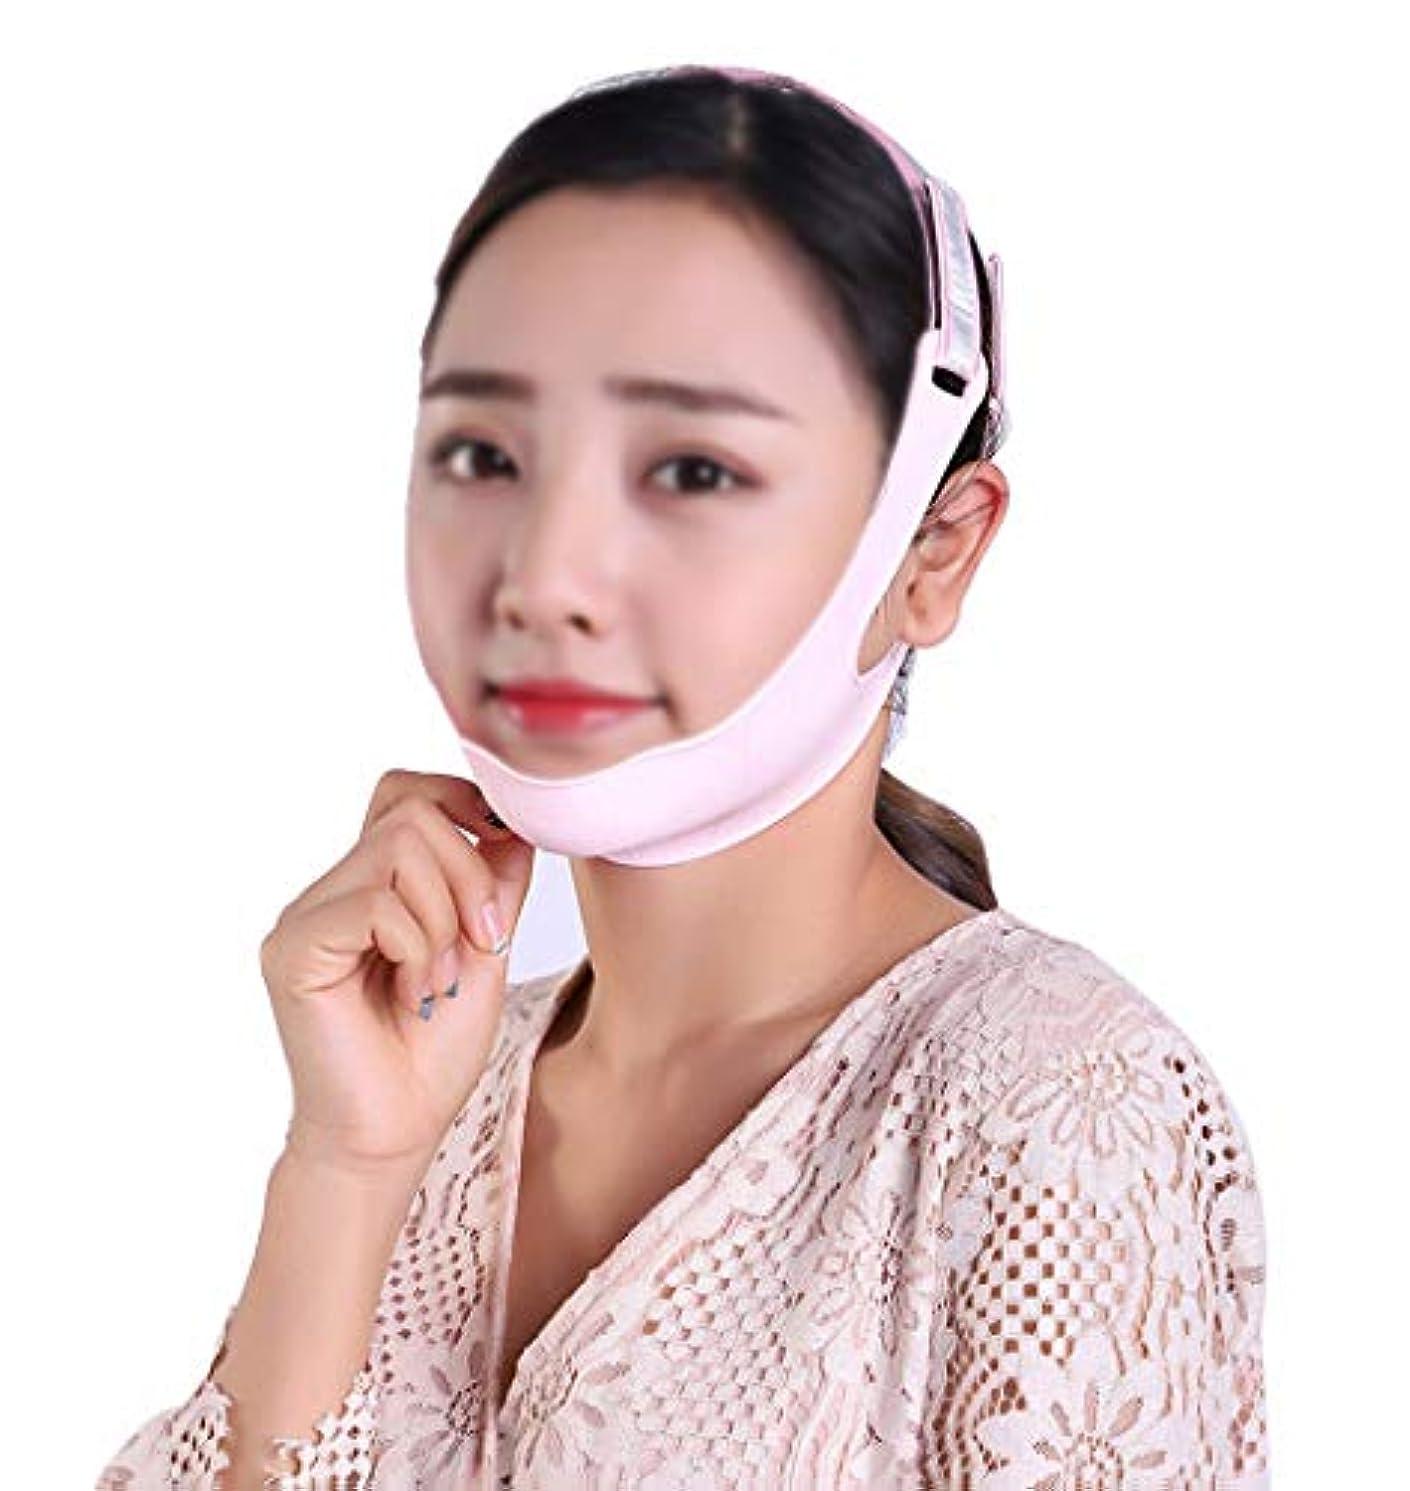 傾いたフルート基本的なGLJJQMY フェイシャルリフティングマスクシリコンVマスク引き締めフェイシャル包帯スモールVフェイスアーティファクト防止リラクゼーションフェイシャル&ネックリフティング 顔用整形マスク (Size : L)